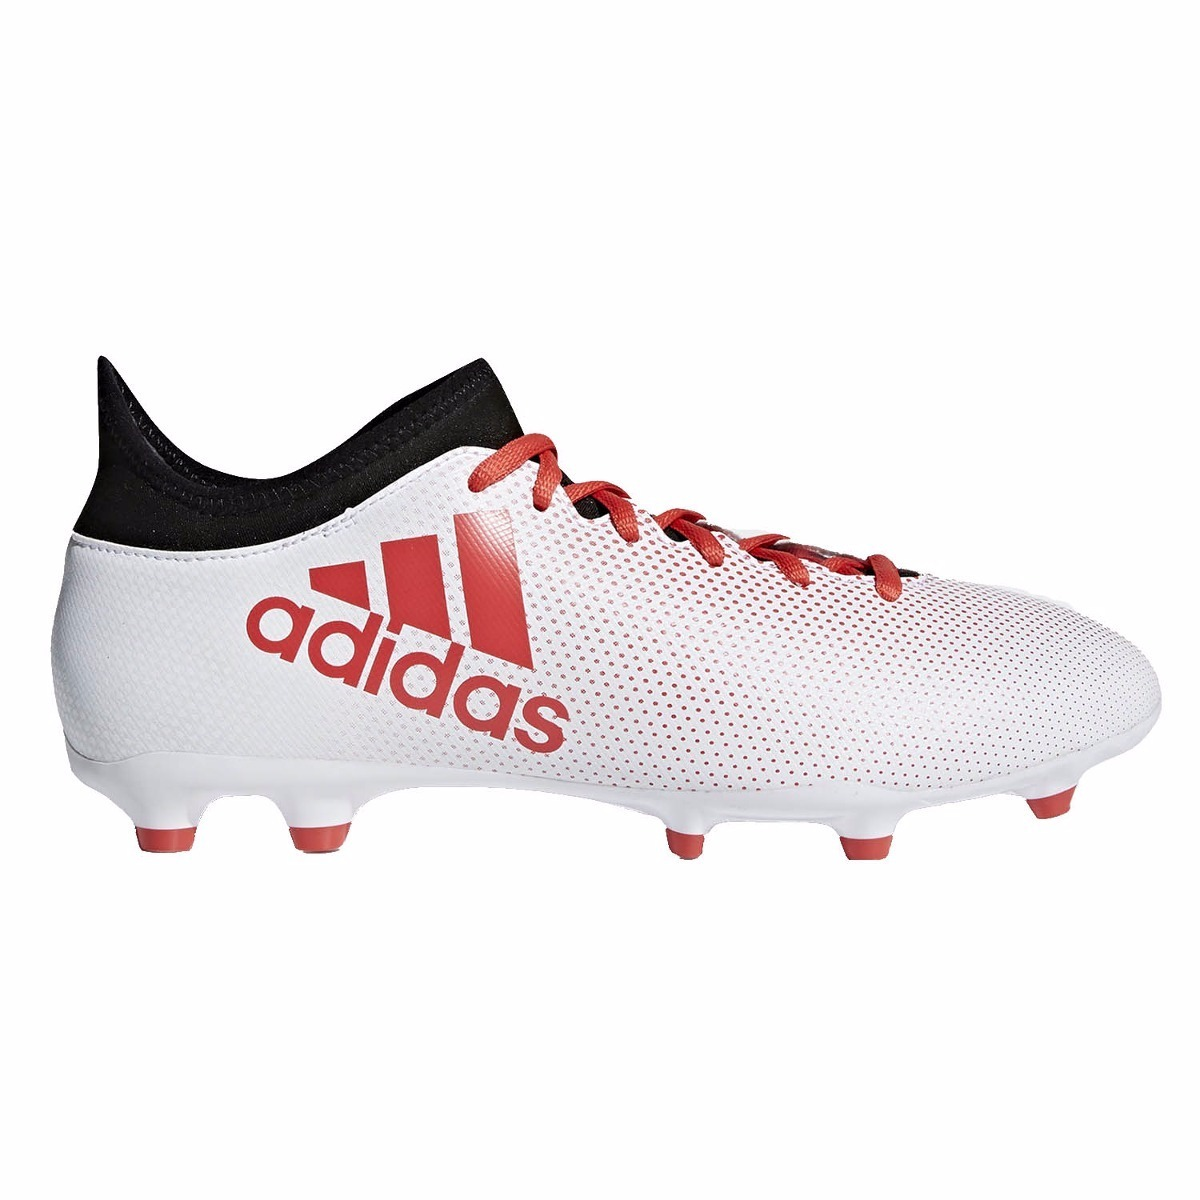 Championes De Fútbol adidas X 17.3 Fg Cp9192 - Global Sports ... 86a7e5d3b76f9